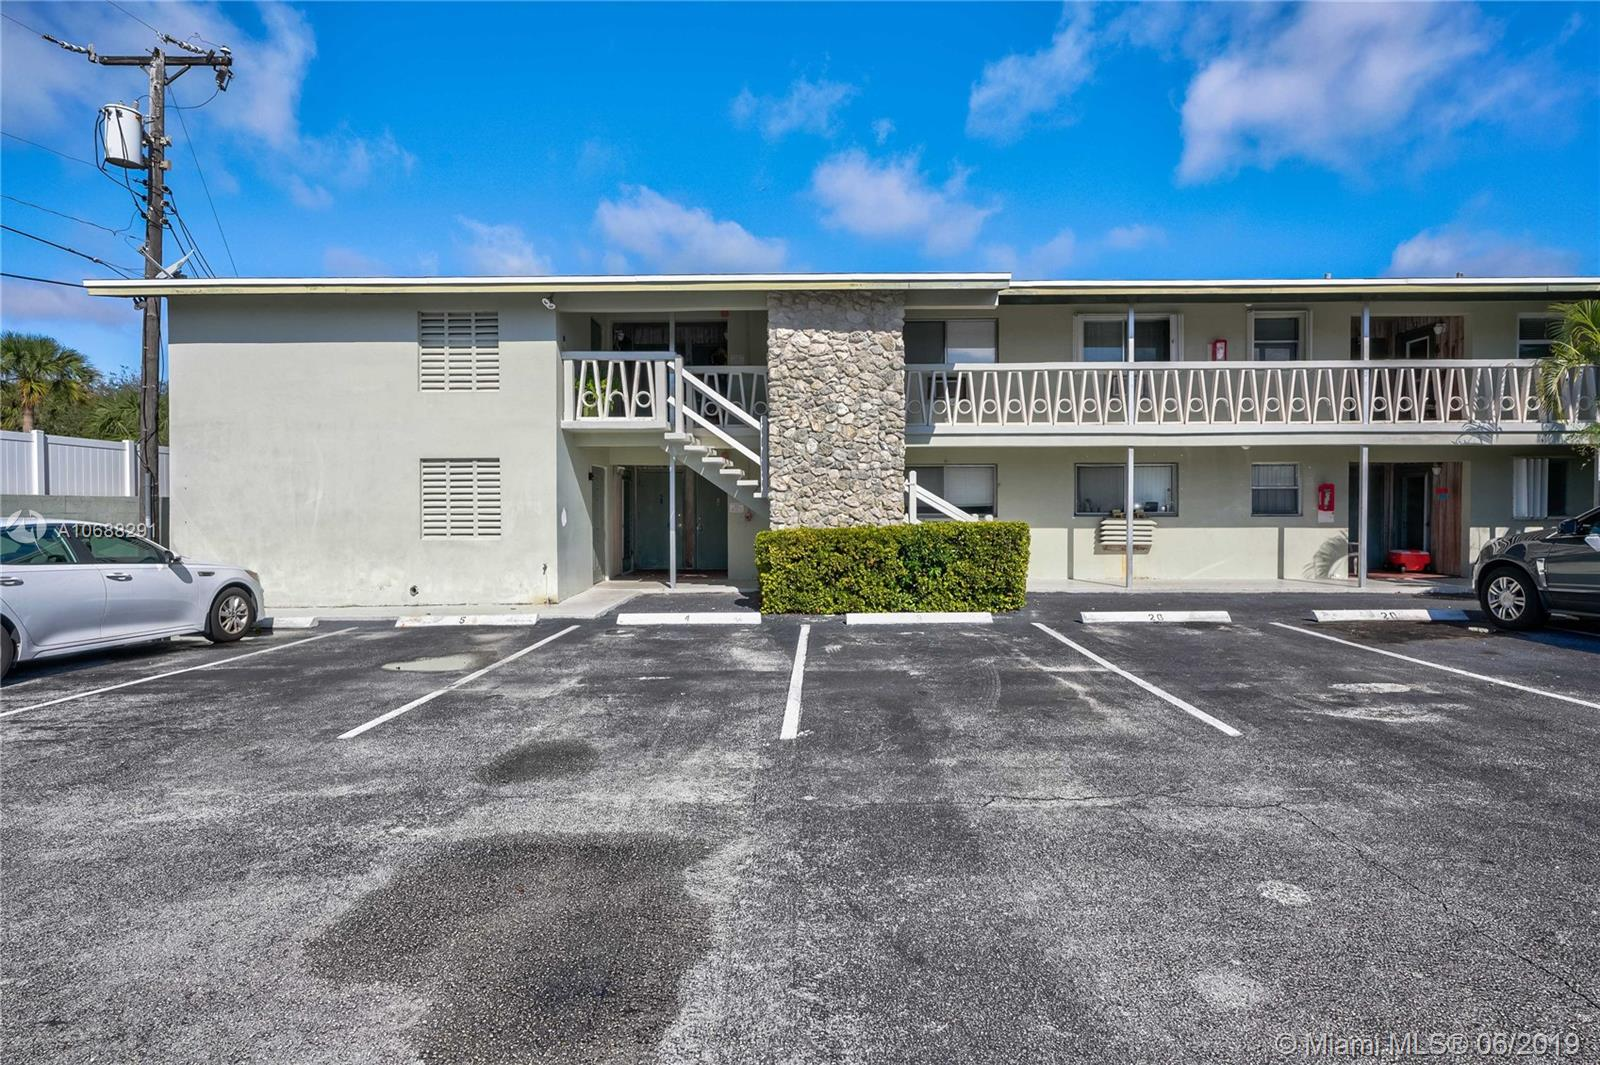 510 Lake Shore Dr 5, Lake Park, FL 33403